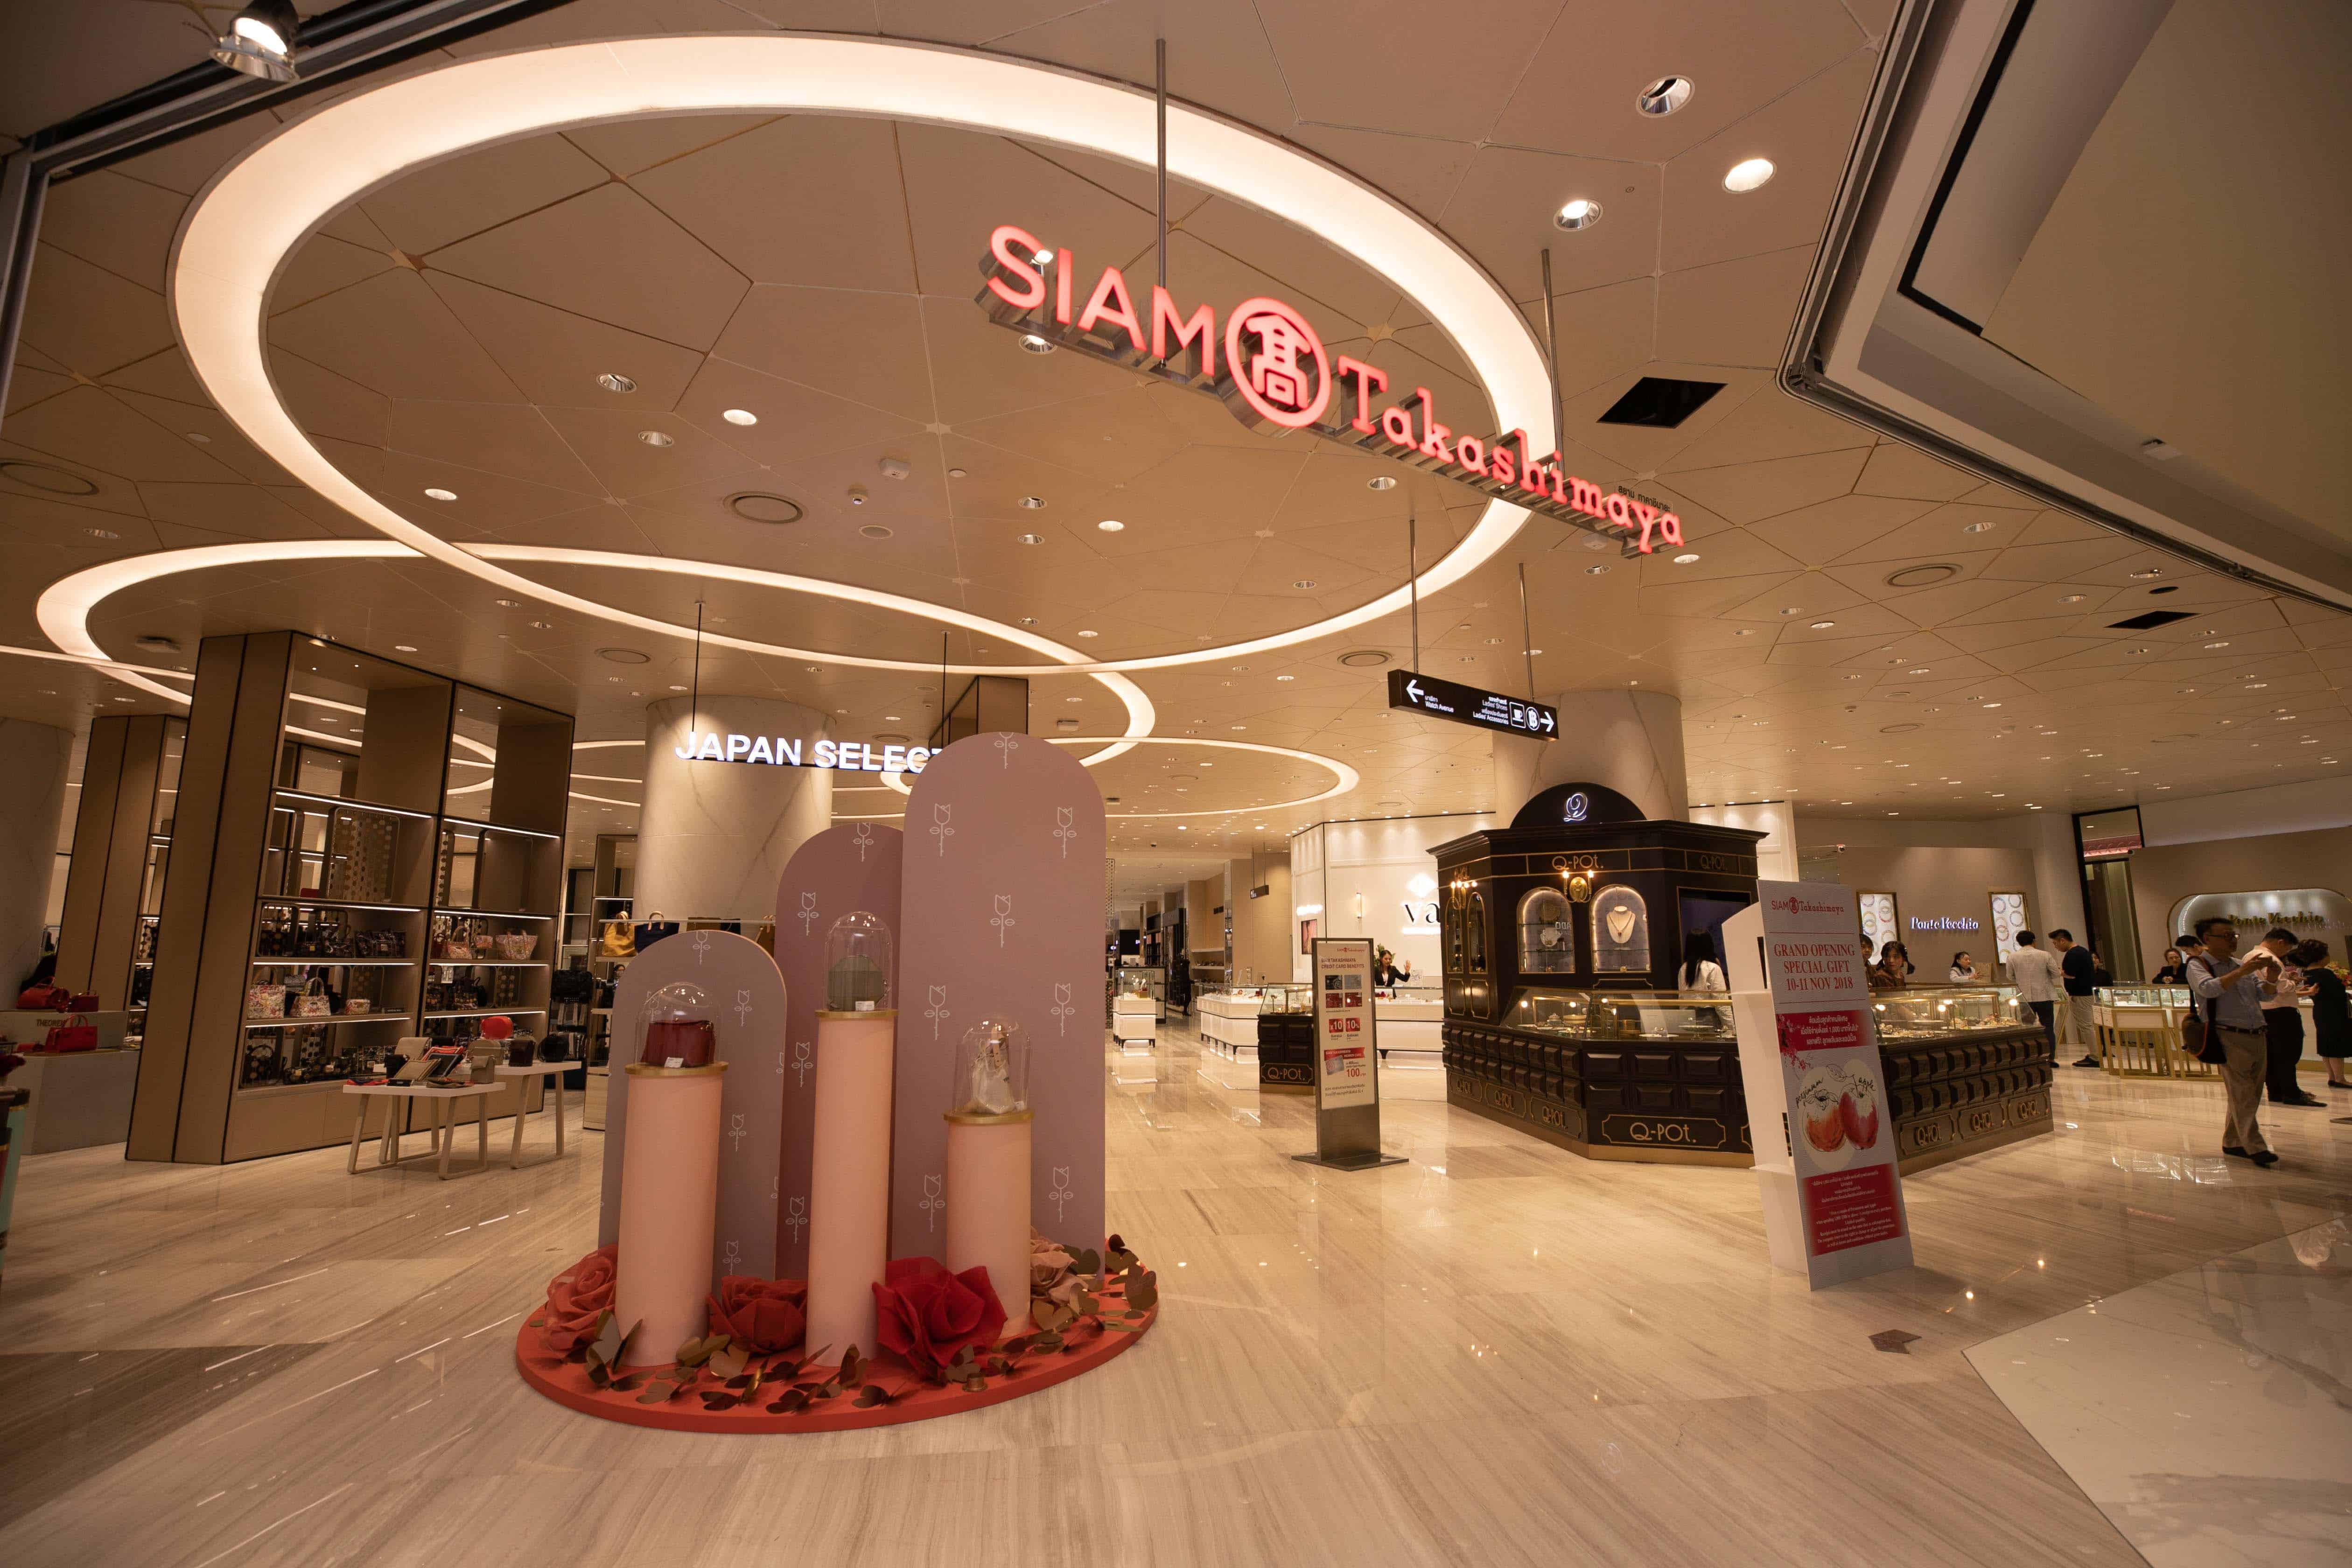 ชั้น 1 แผนกแฟชั่นสุภาพสตรี ห้างสยามทาคาชิมายะ (Siam Takashimaya)